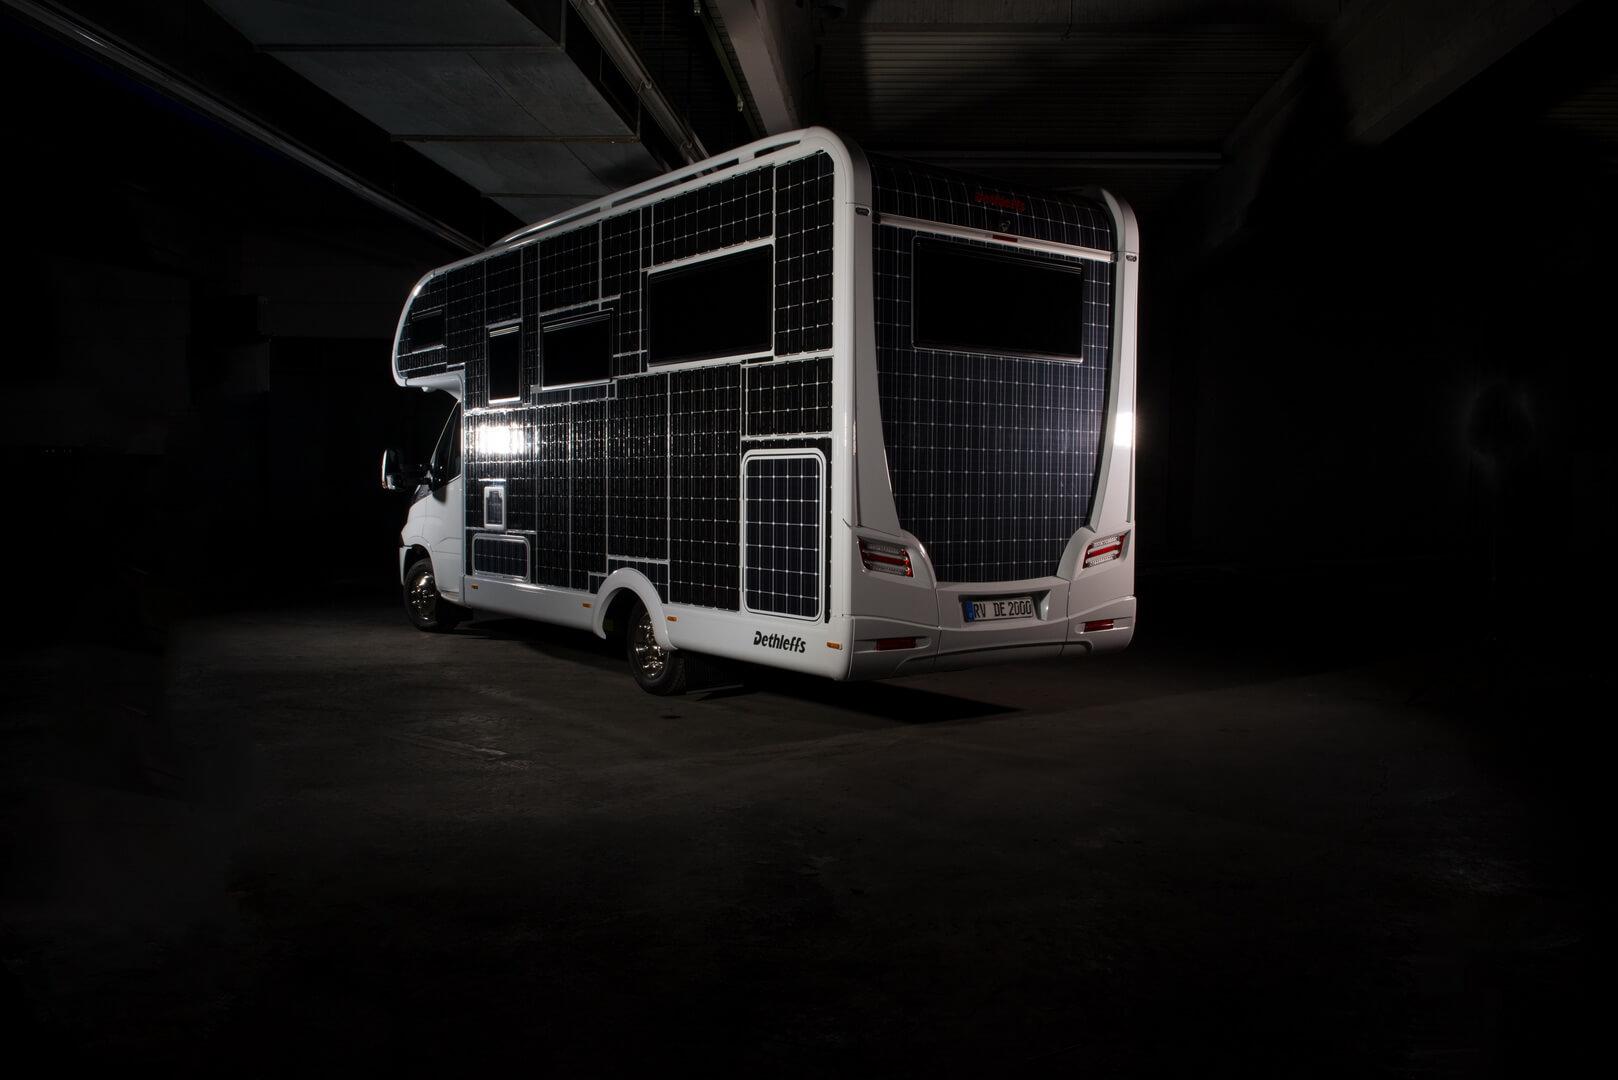 Передвижной дом e.home создан на основе шасси Iveco Daily Electric с электрическим приводом